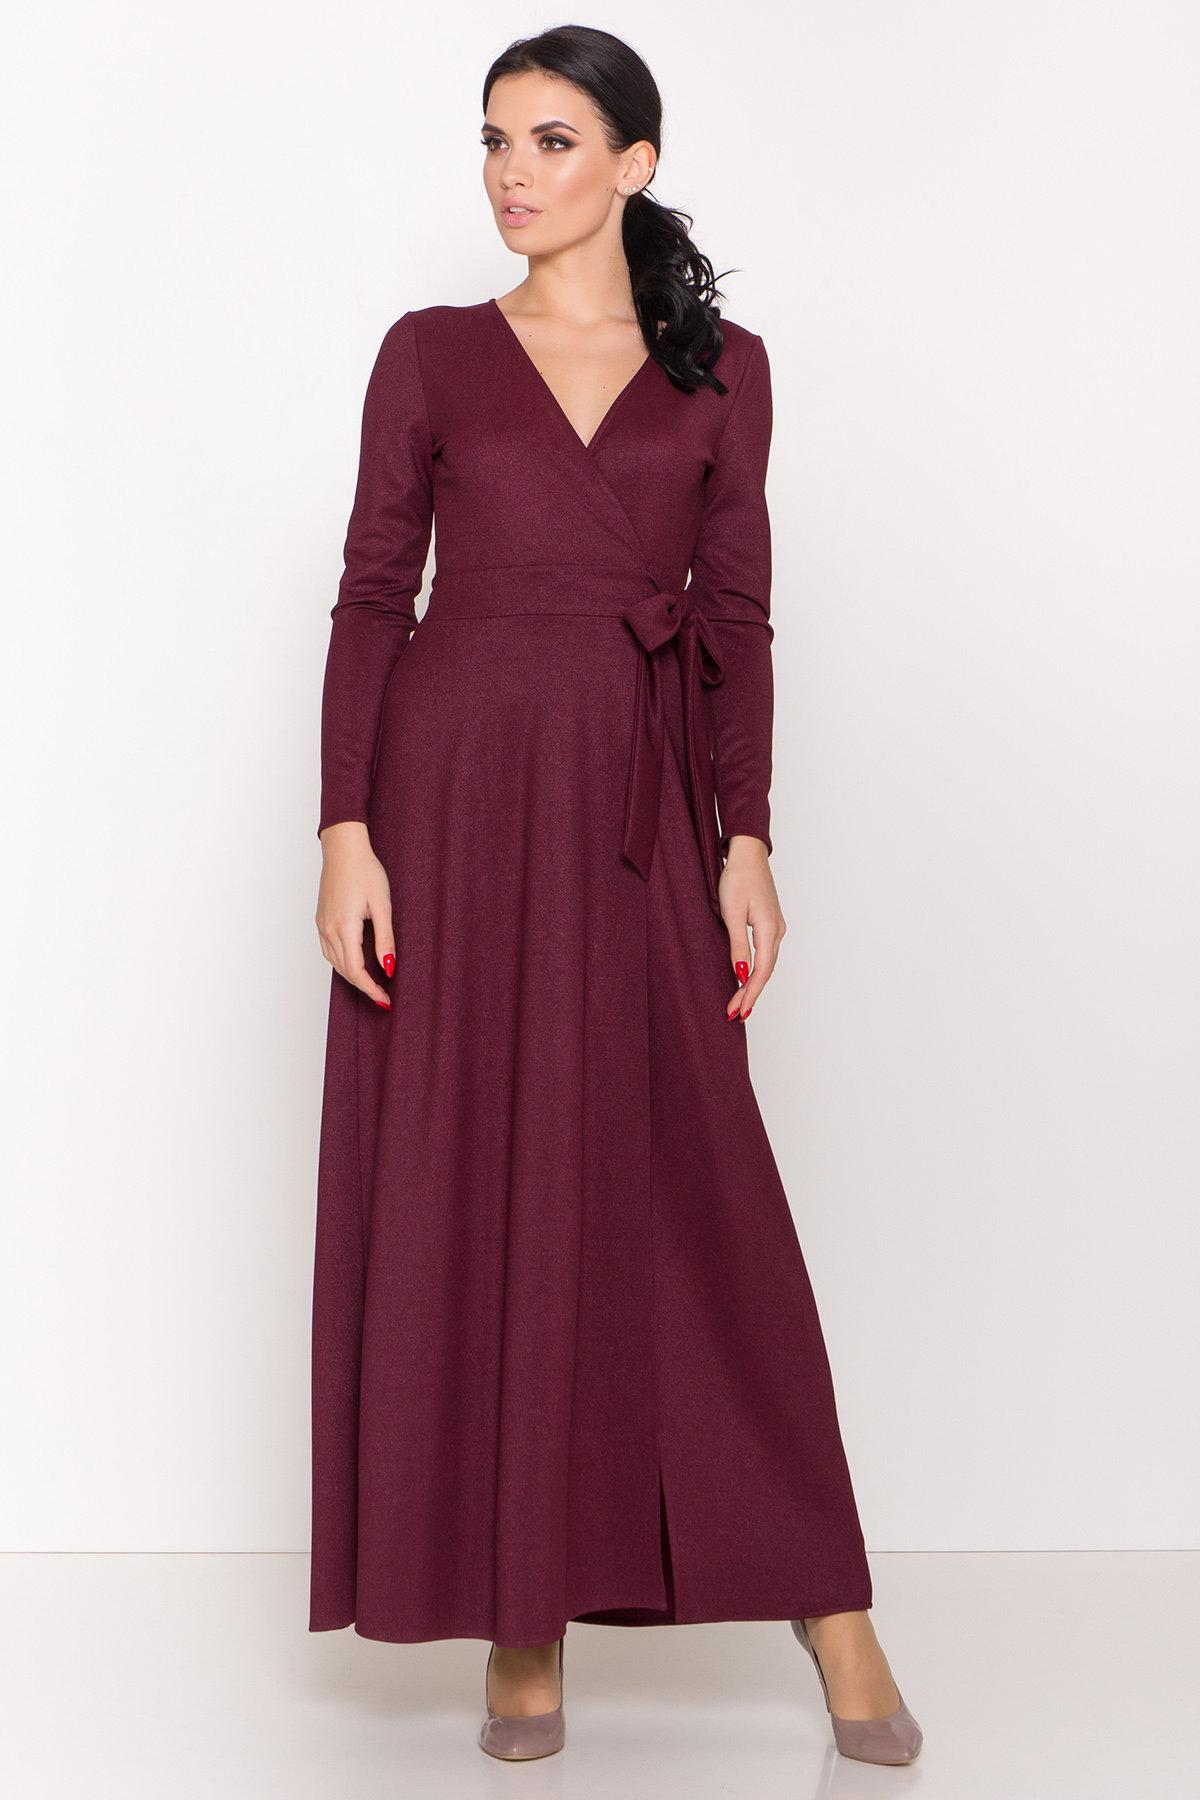 Платье макси Жозель 5861 Цвет: Марсала